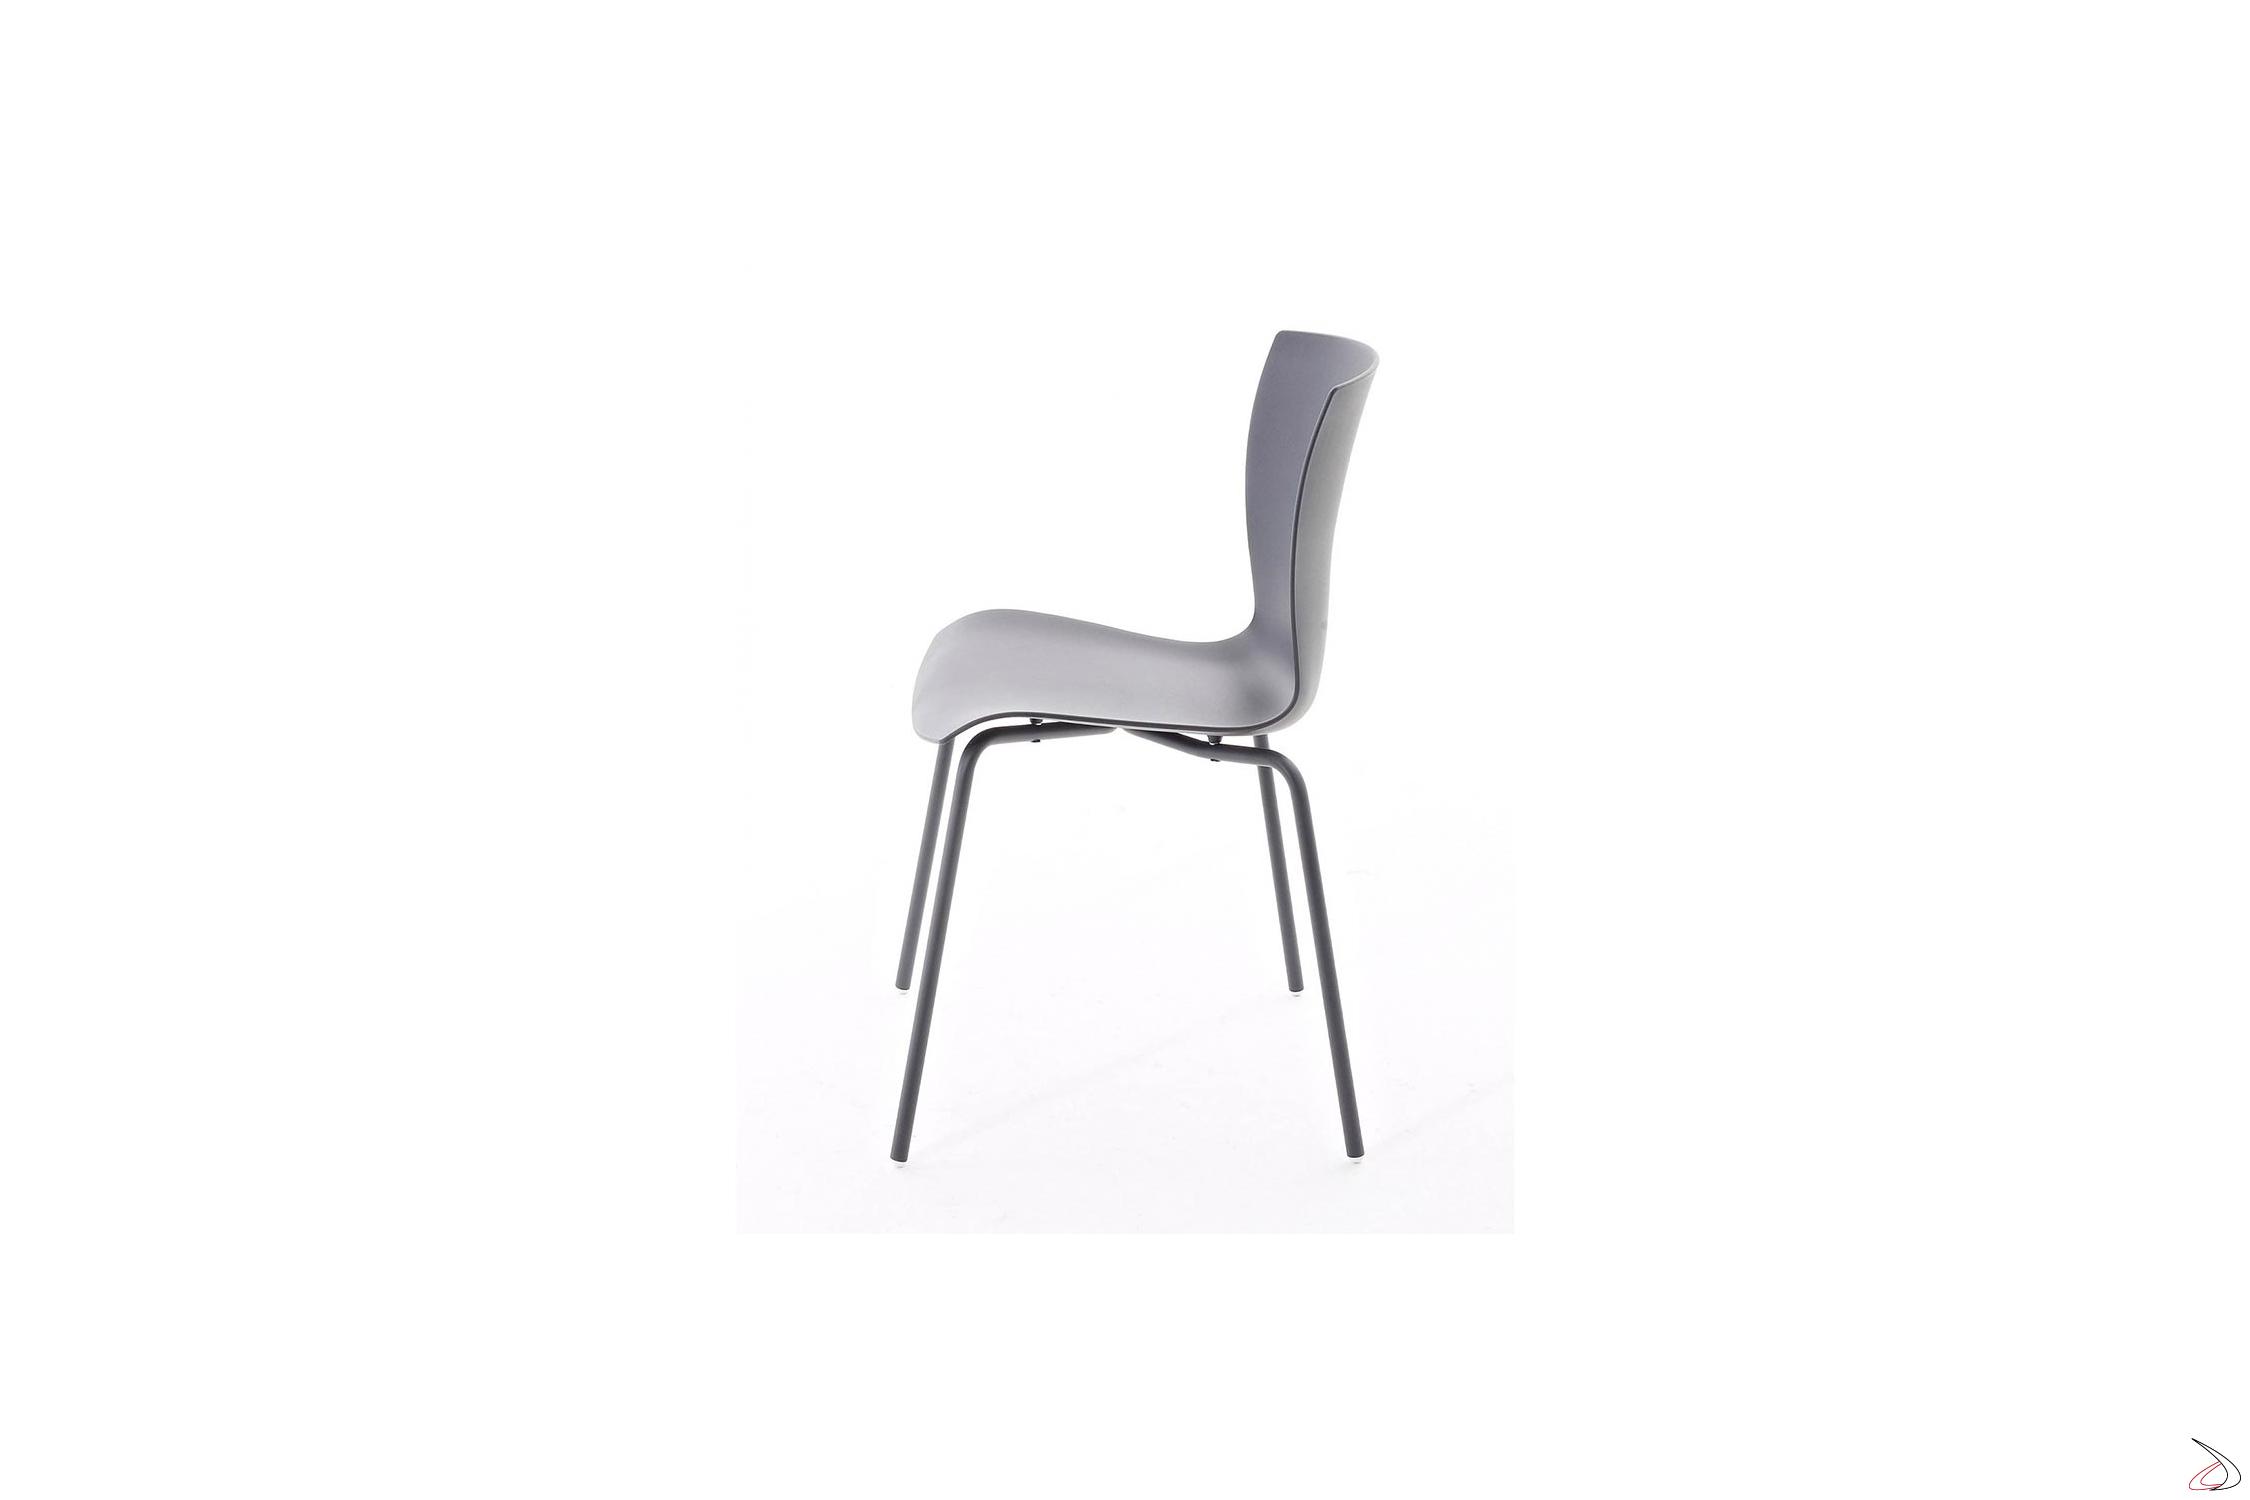 Sedie Da Cucina In Acciaio.Rap Chair With Light Design And Monochrome Finish Toparredi